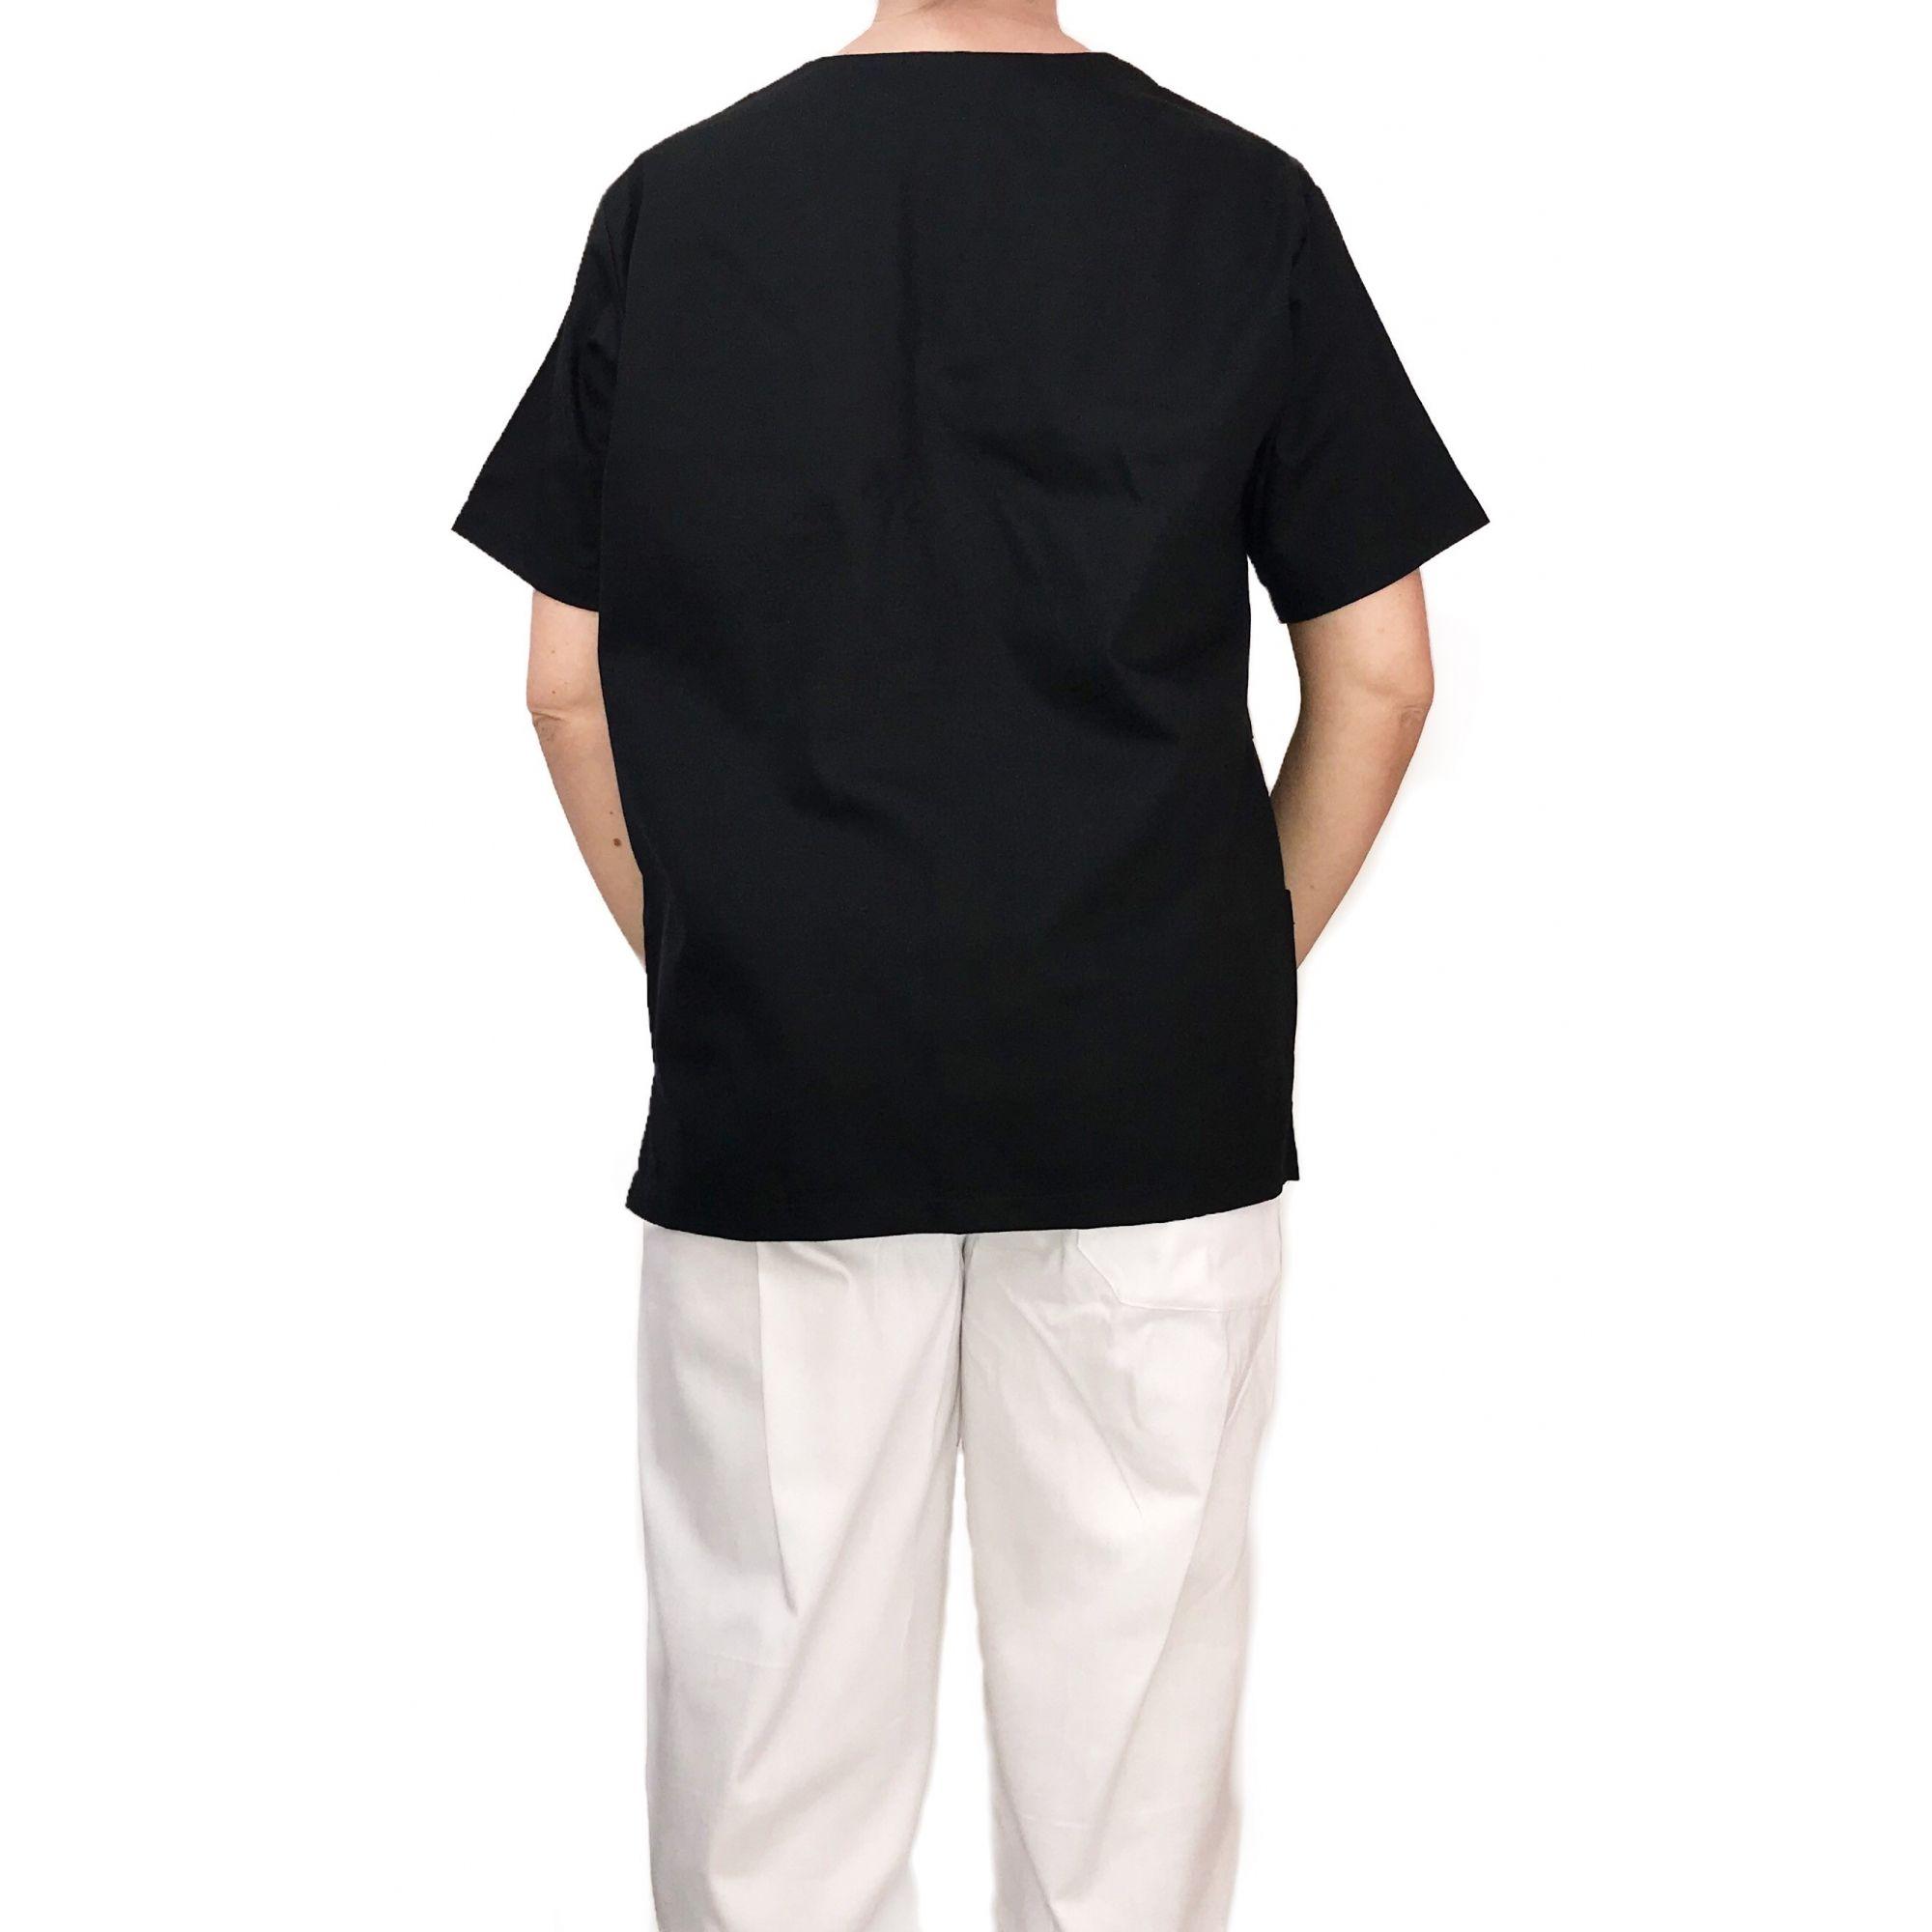 Conjunto Pijama Cirurgico SCRUB MASCULINO  Camisa PRETA e Calça BRANCA com Cordão Tecido 100% algodão